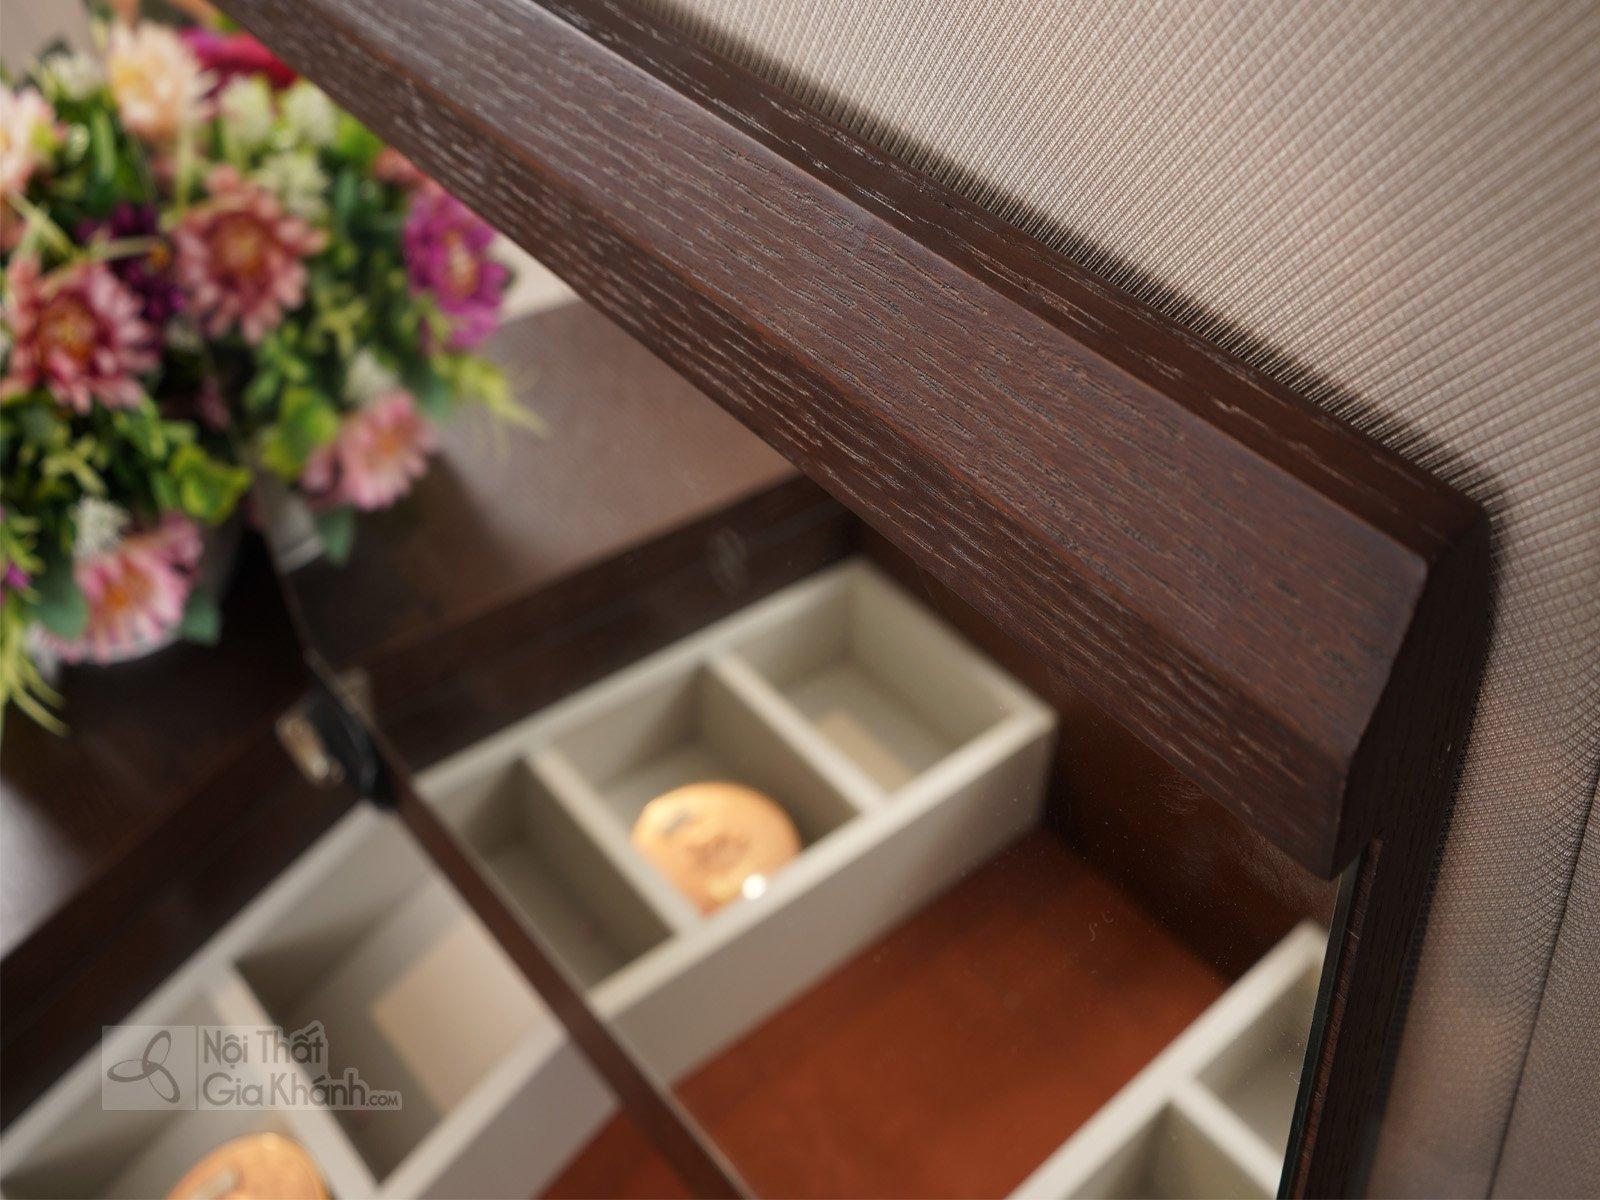 ban ghe trang diem 1802C 950x450x758 2 - Bộ giường ngủ gỗ hiện đại nhập khẩu BN1801CN-18